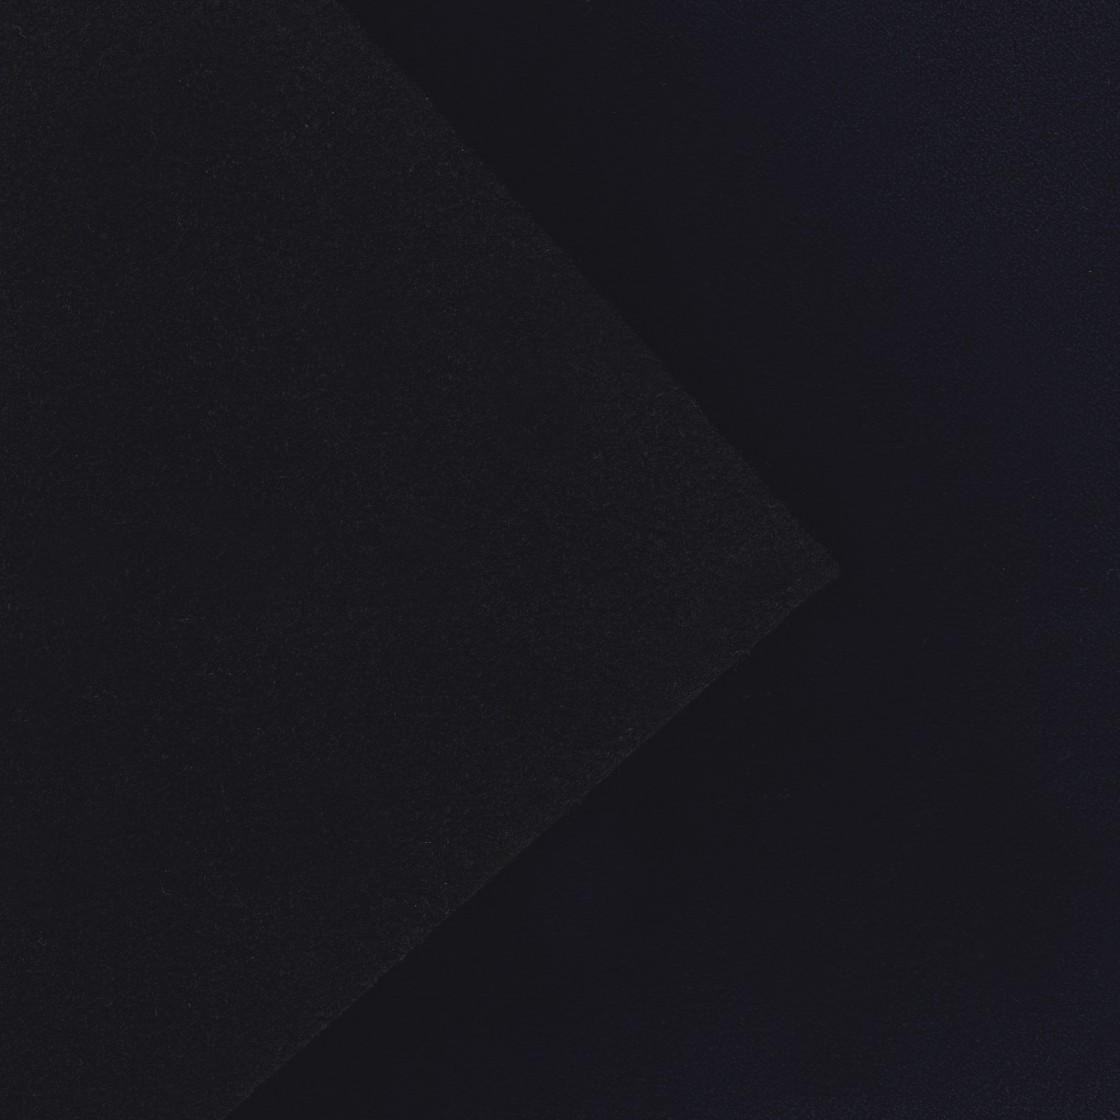 Polairgrip - Textile réversible, combinaison de 2 couleurs